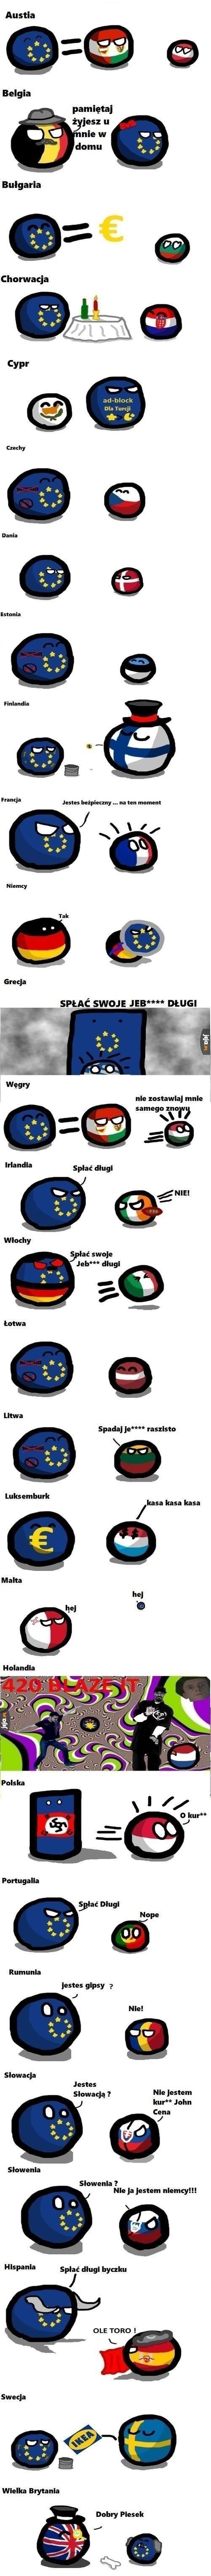 Jak UE widzi swoich członków